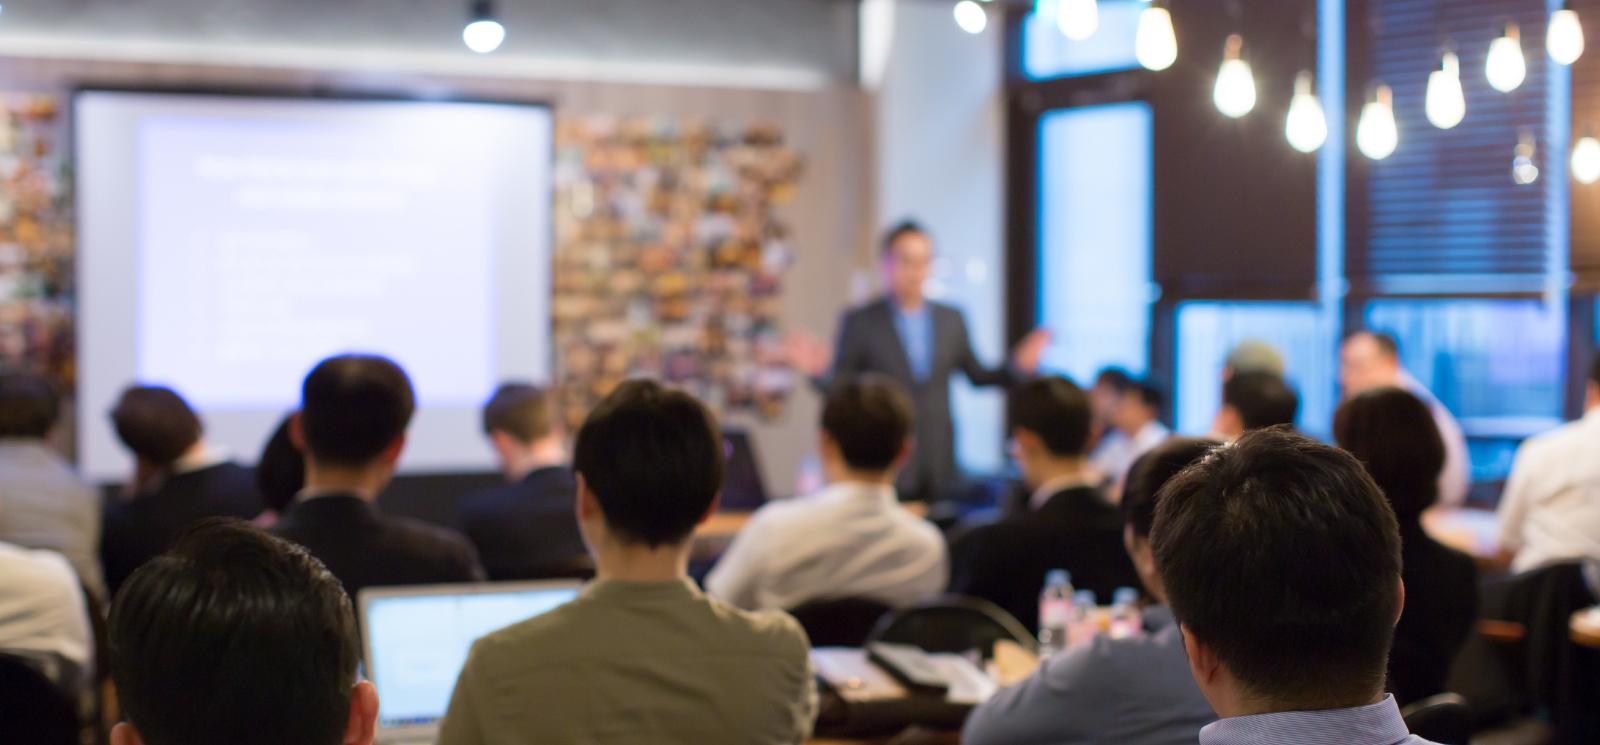 建築・建設セミナー、教育事業を通した交流